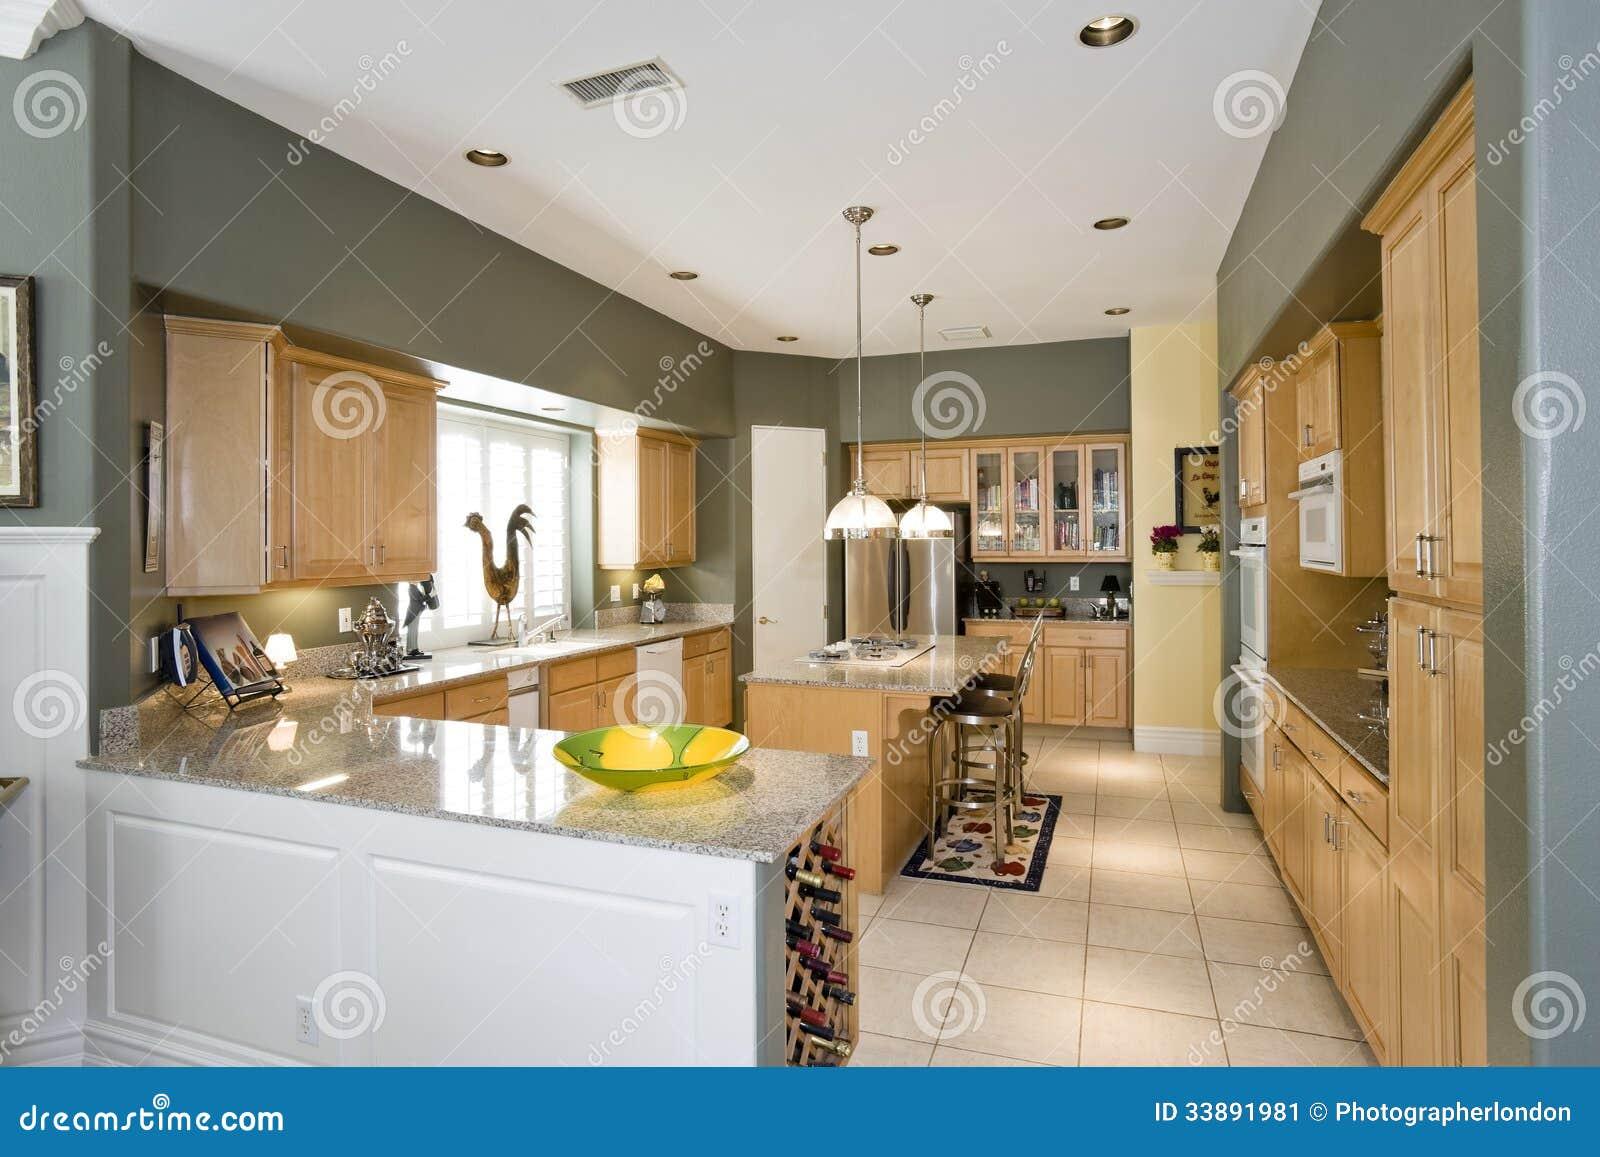 Download Moderne Küche Mit Schemeln In Insel Im Haus Stockbild   Bild Von  Tiled, Küche